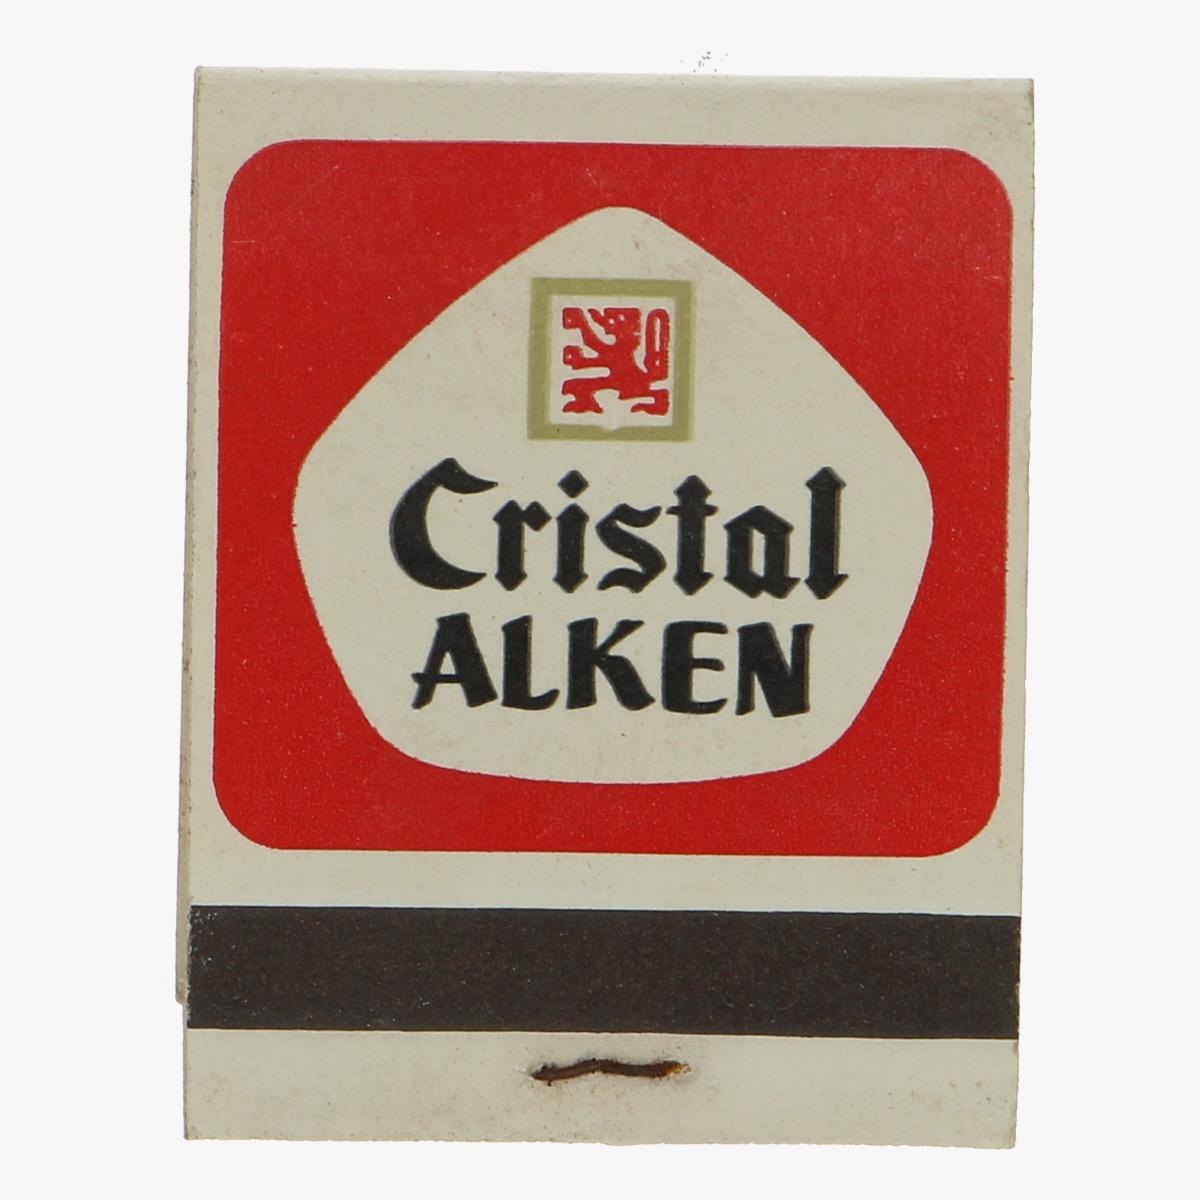 Afbeeldingen van oud doosje lucifers Cristal Alken